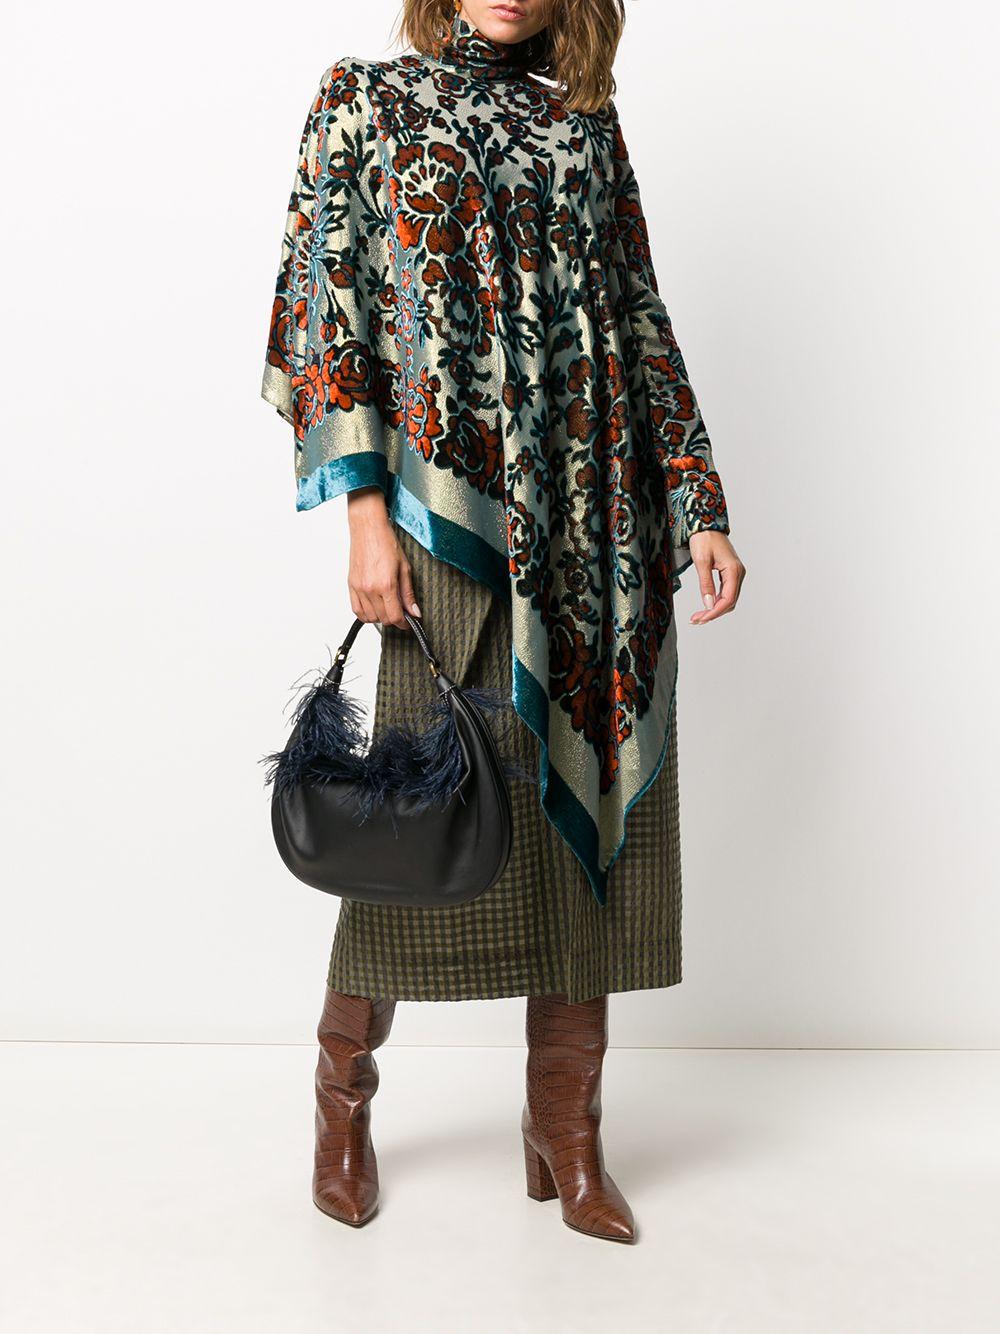 Blusa asimmetrica con stampa floreale Cray in misto seta multicolore color oro con finitura metallizzata DRIES VAN NOTEN | Maglieria | CRAY-1139954